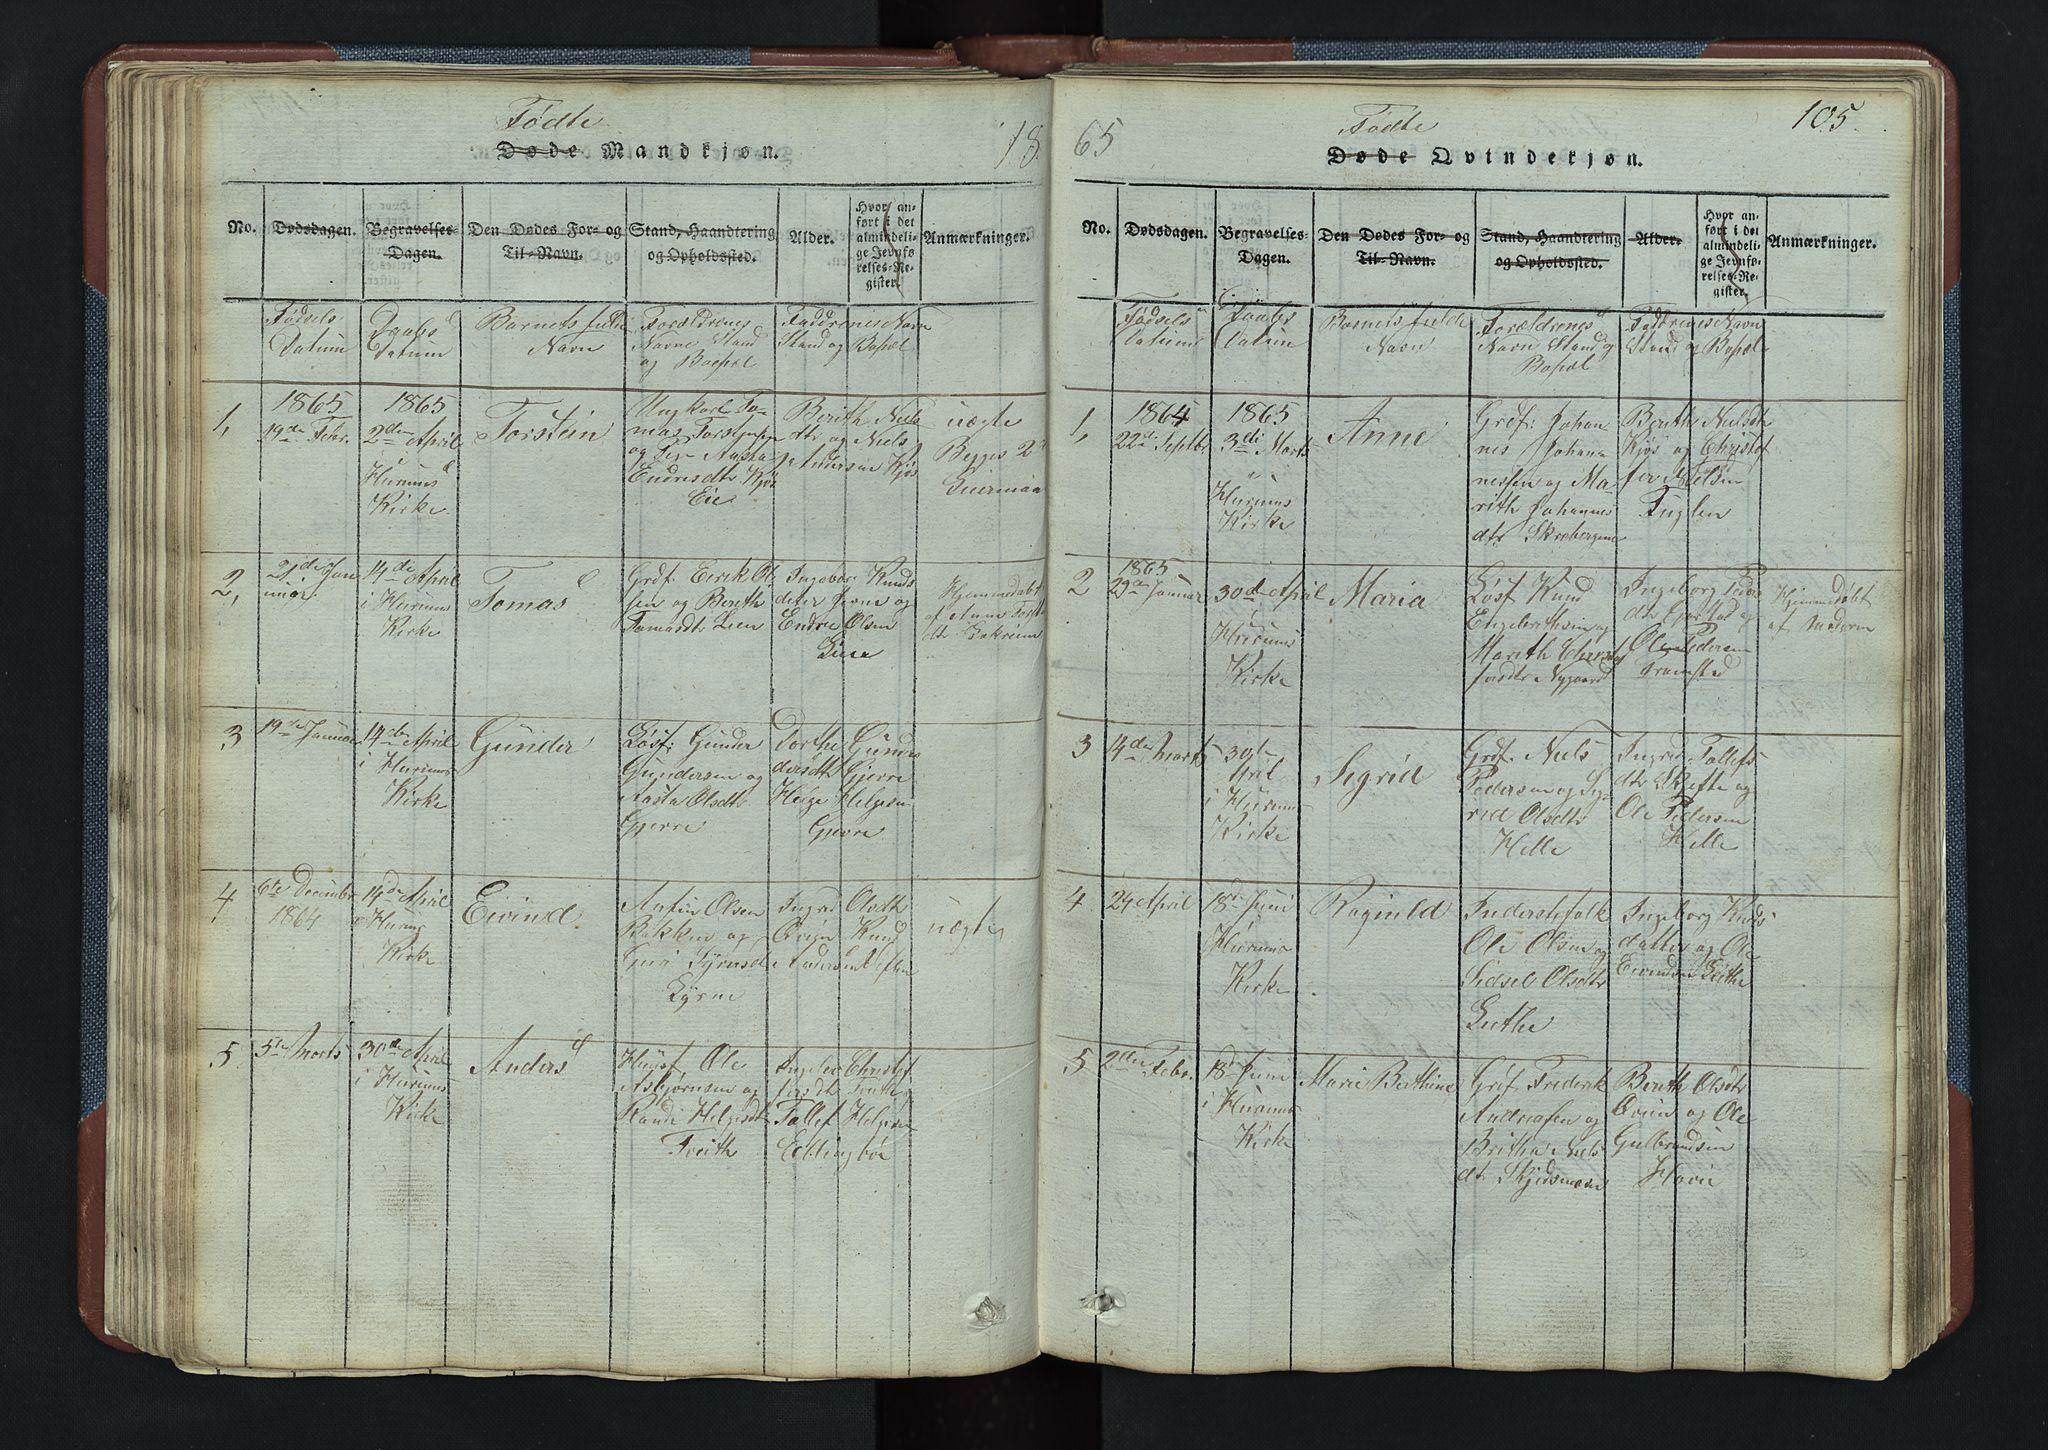 SAH, Vang prestekontor, Valdres, Klokkerbok nr. 3, 1814-1892, s. 105